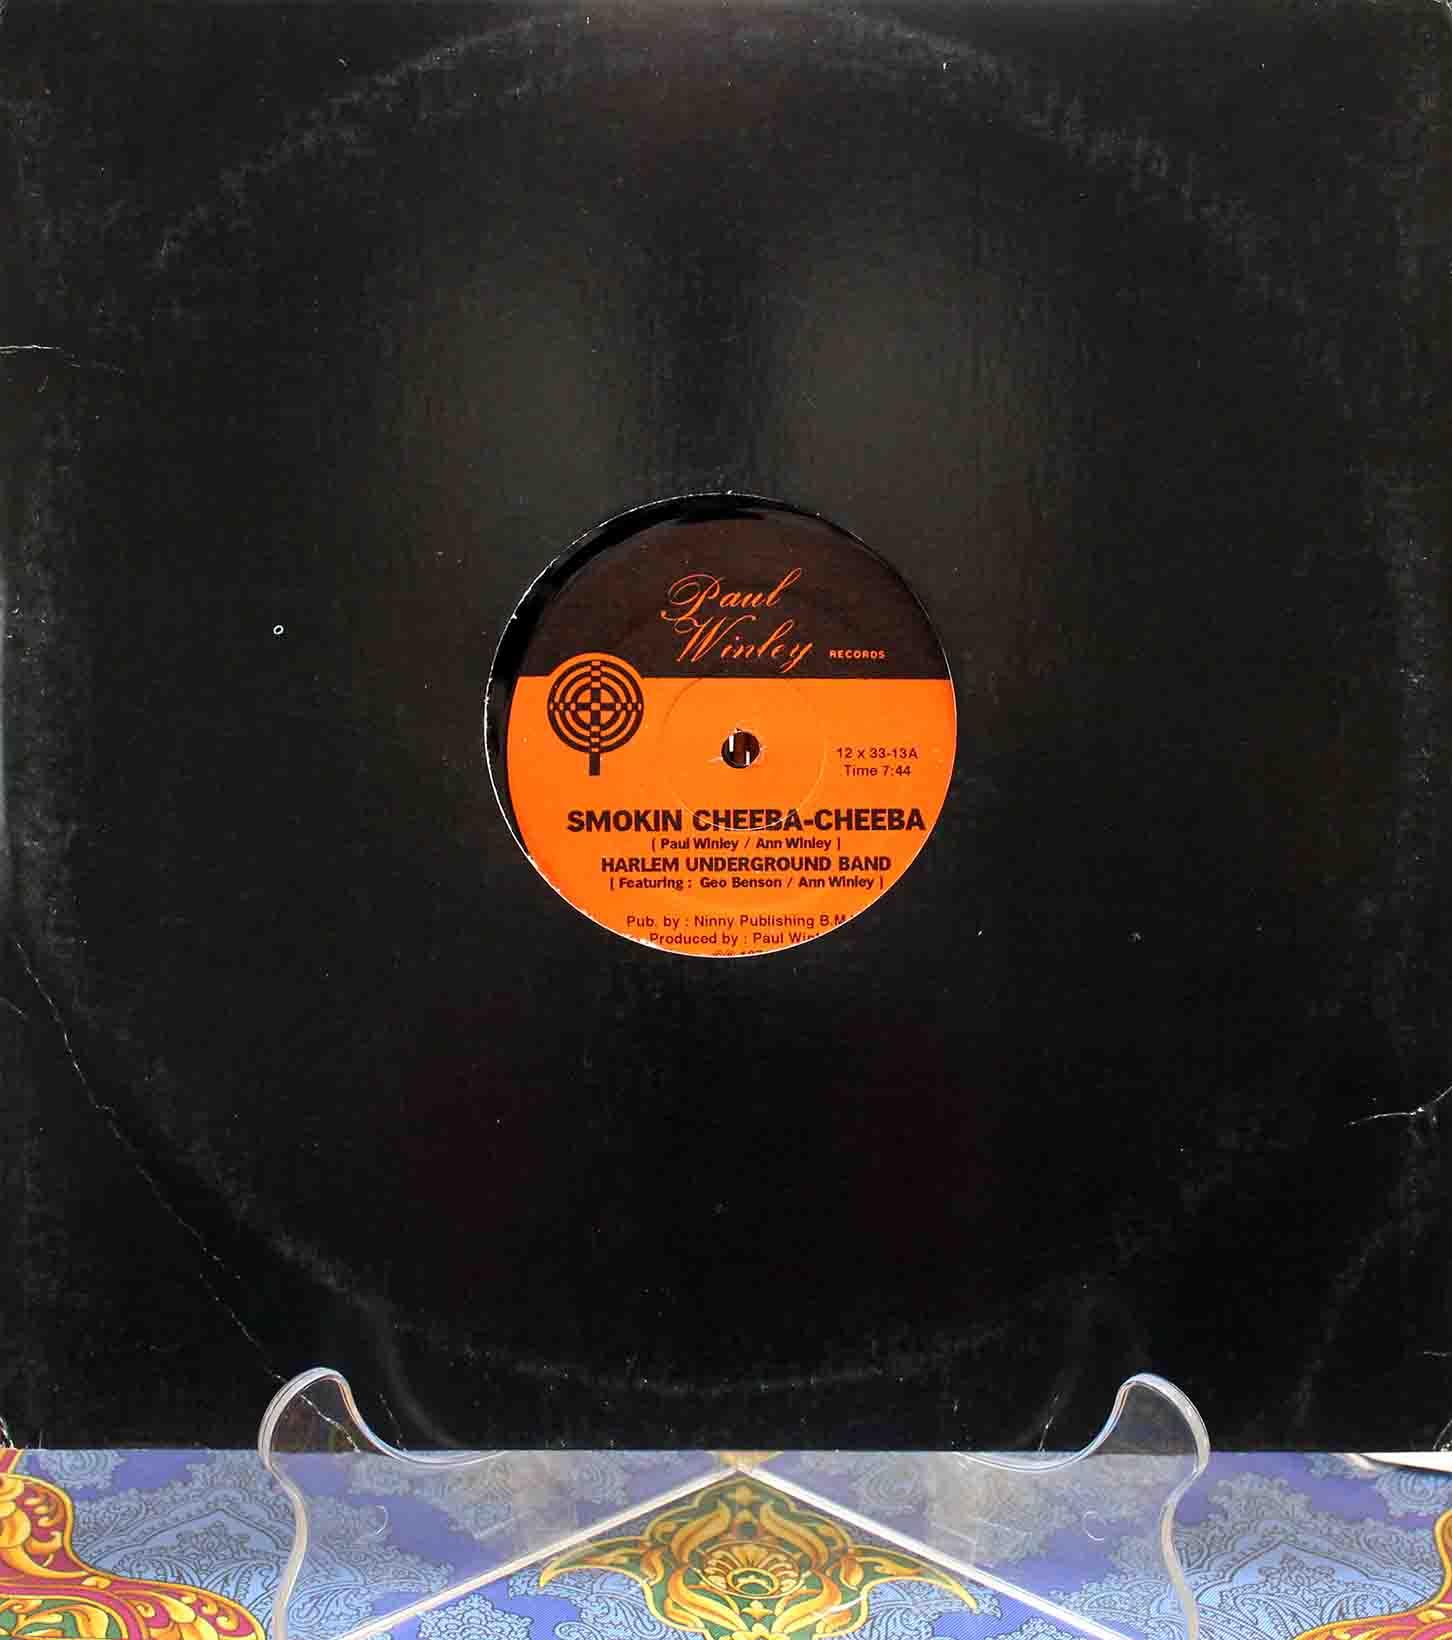 Harlem Underground Band - Smokin Cheeba Cheeba 01